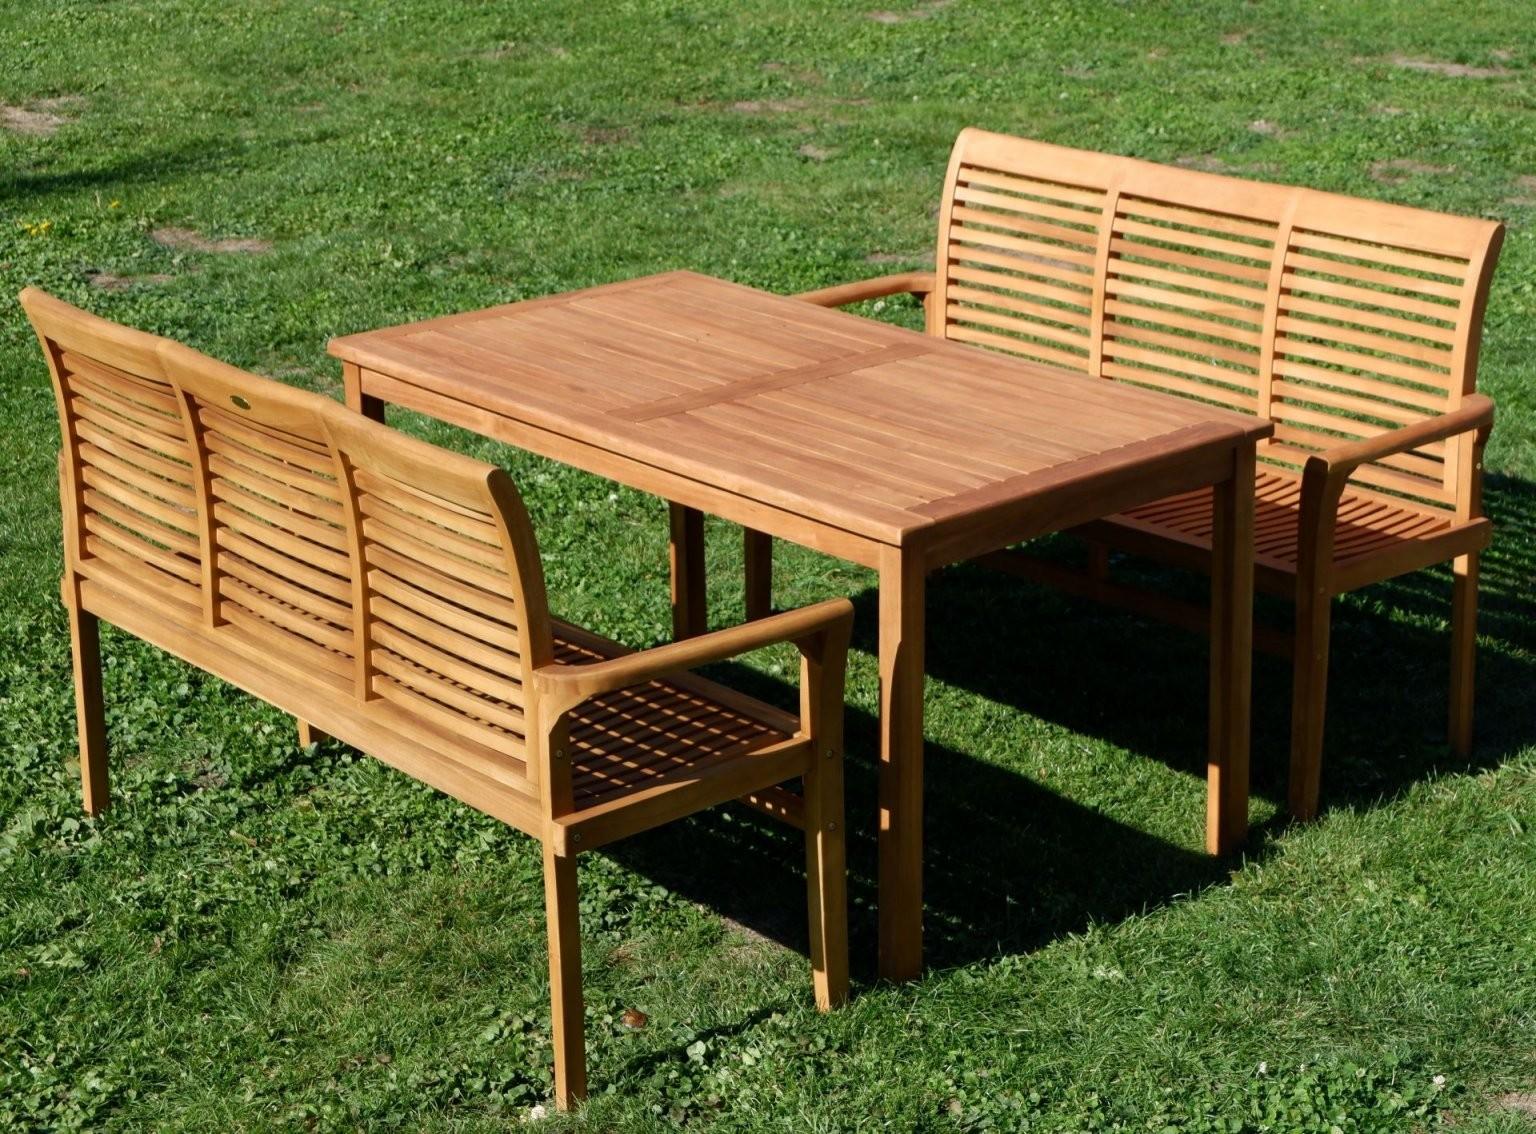 Teak Xl Set Gartentisch + 2 Bänke Javalpen Alles Für Garten Und von Gartentisch Mit 2 Bänken Photo